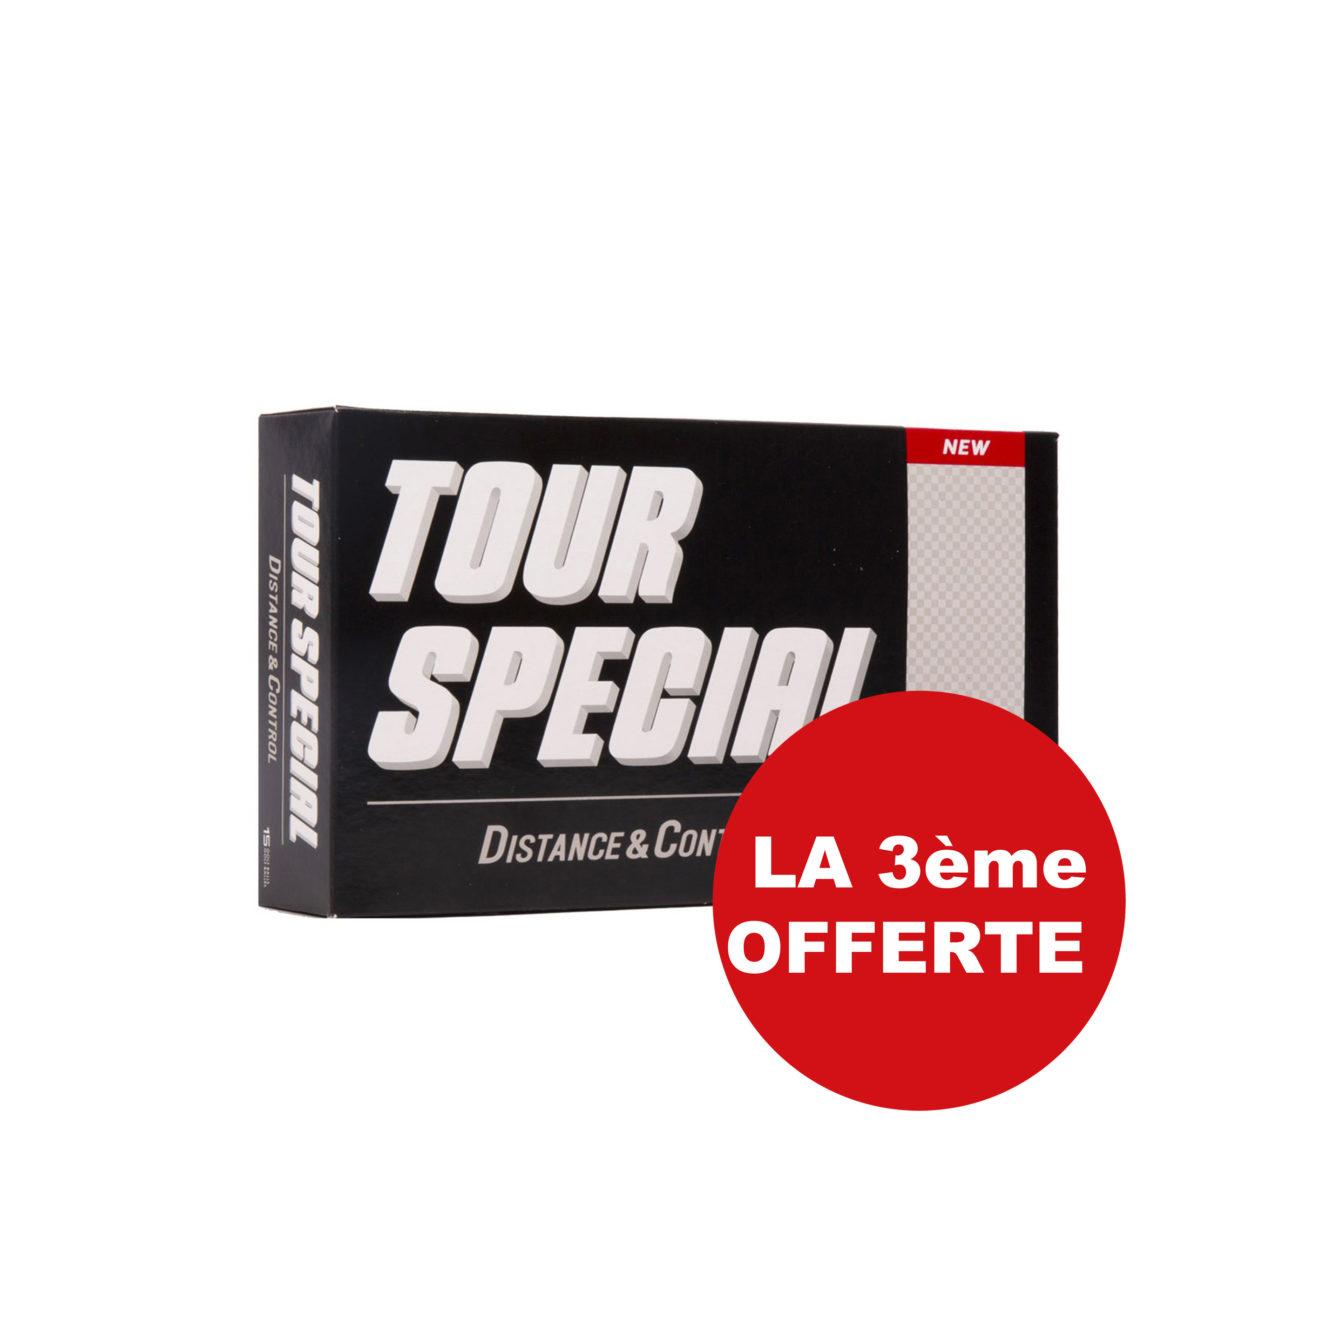 SRIXON-TOUR-SPECIAL